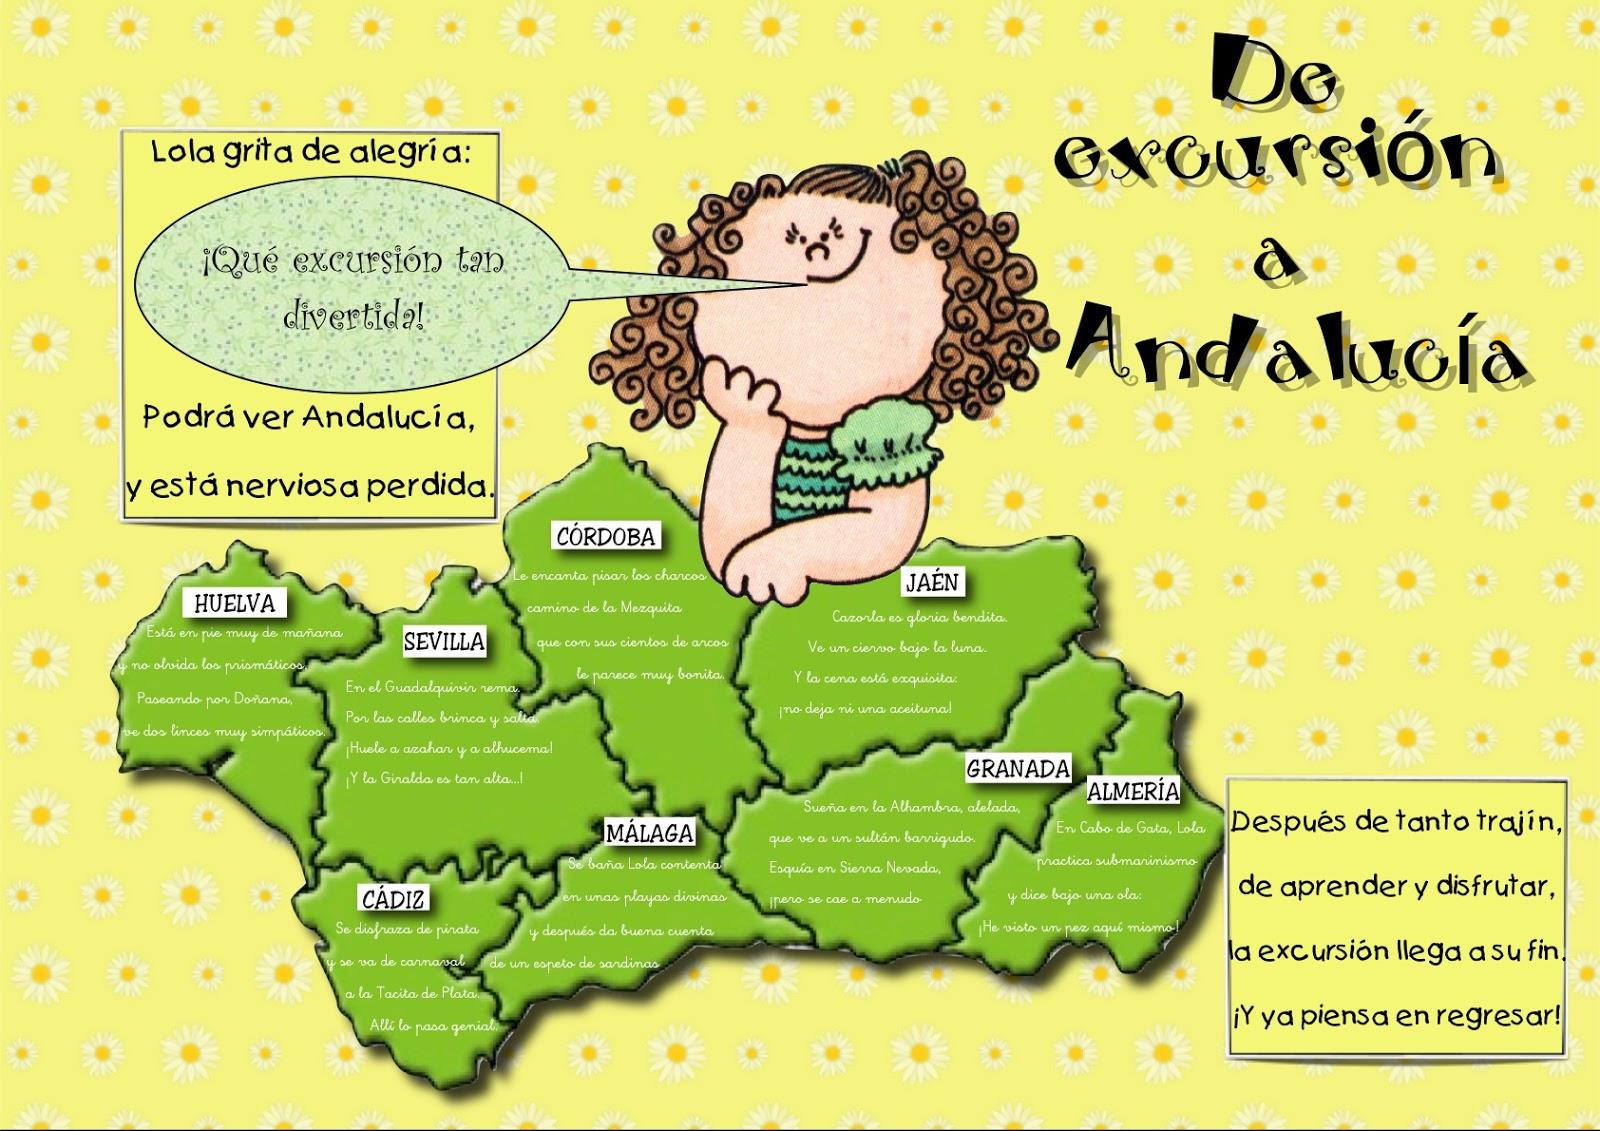 ... CEIP kommentar supprimer un compte williamhill william hill promo code SAN JOSÉ DE CALASANZ (Huércal-Overa): Día de Andalucía